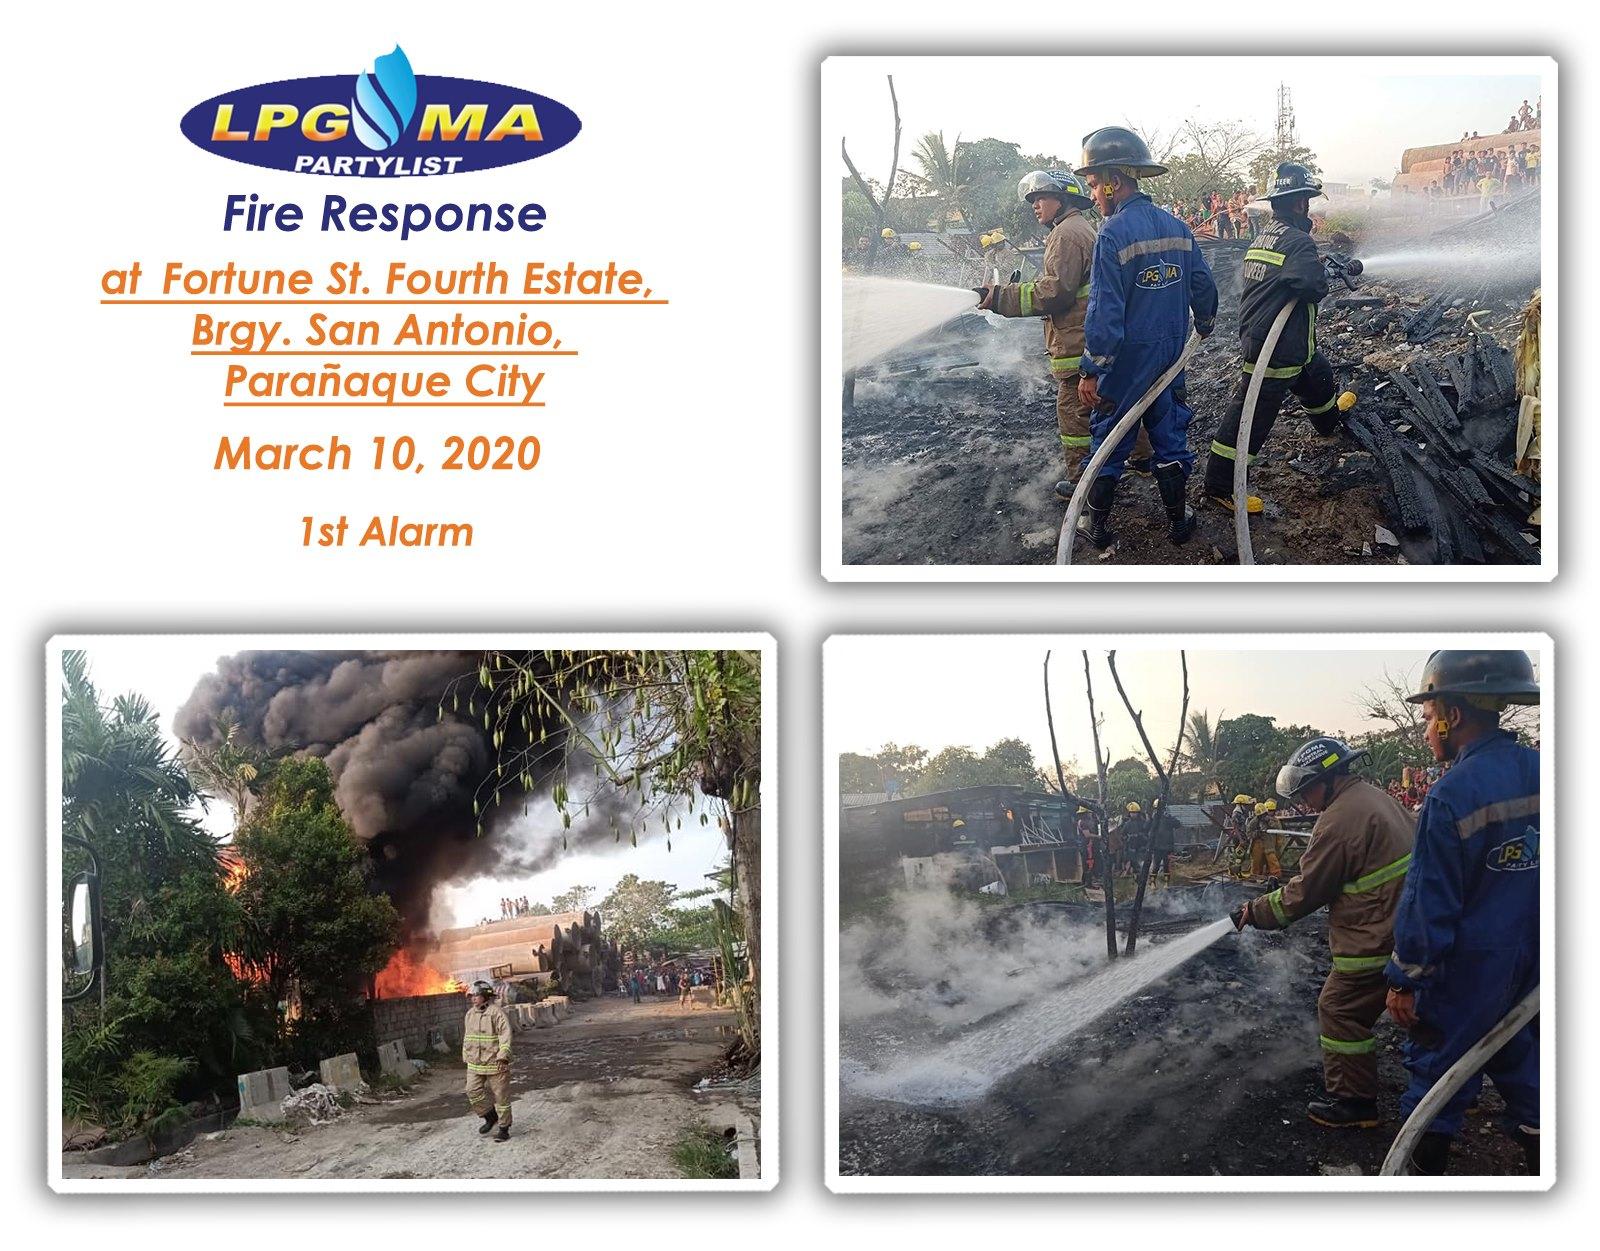 LPGMA Fire Response in Parañaque